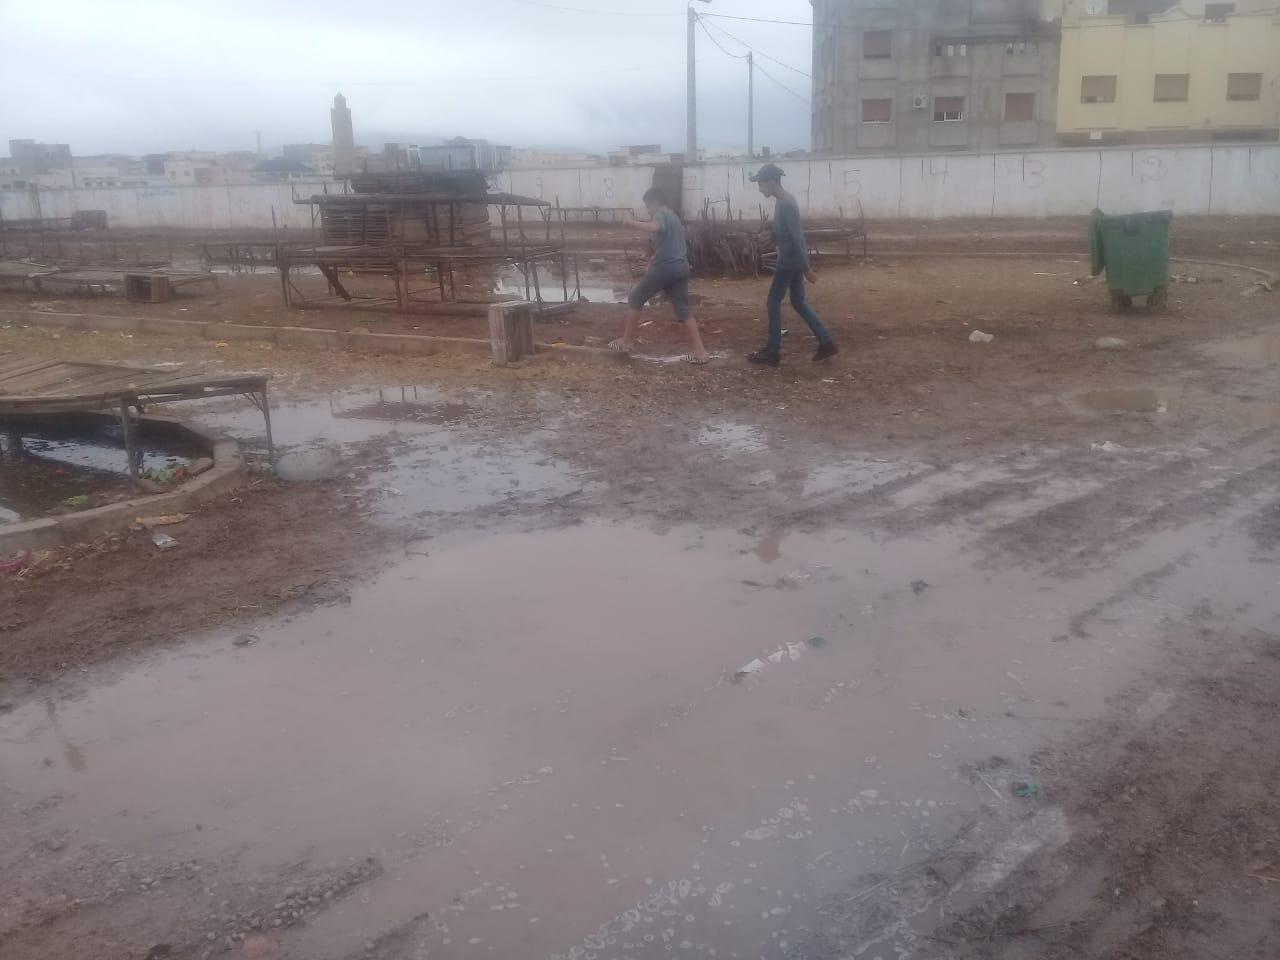 + صور :أمطار الخير تفضح البنية التحتية للسوق الأسبوعي بسلوان وسط صمت المسؤولين ..